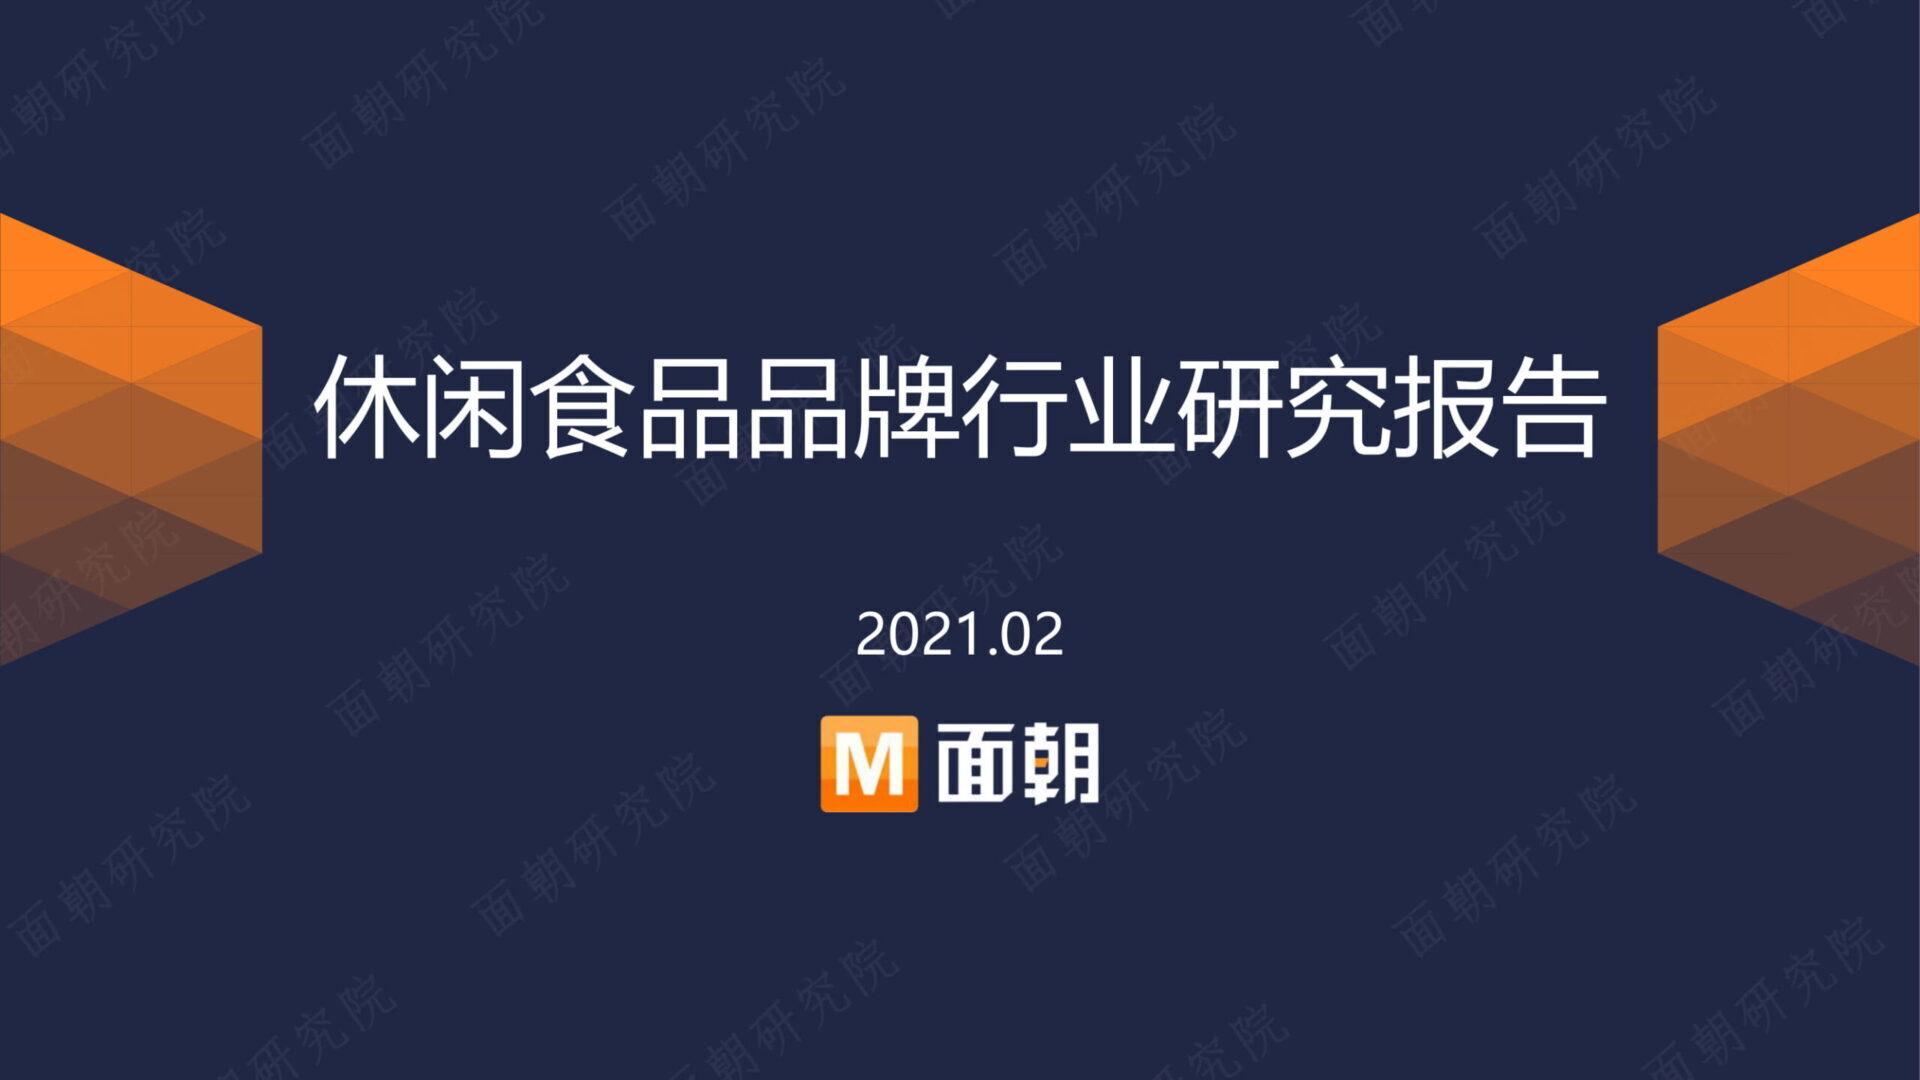 中国のお菓子業界についての動向調査報告書